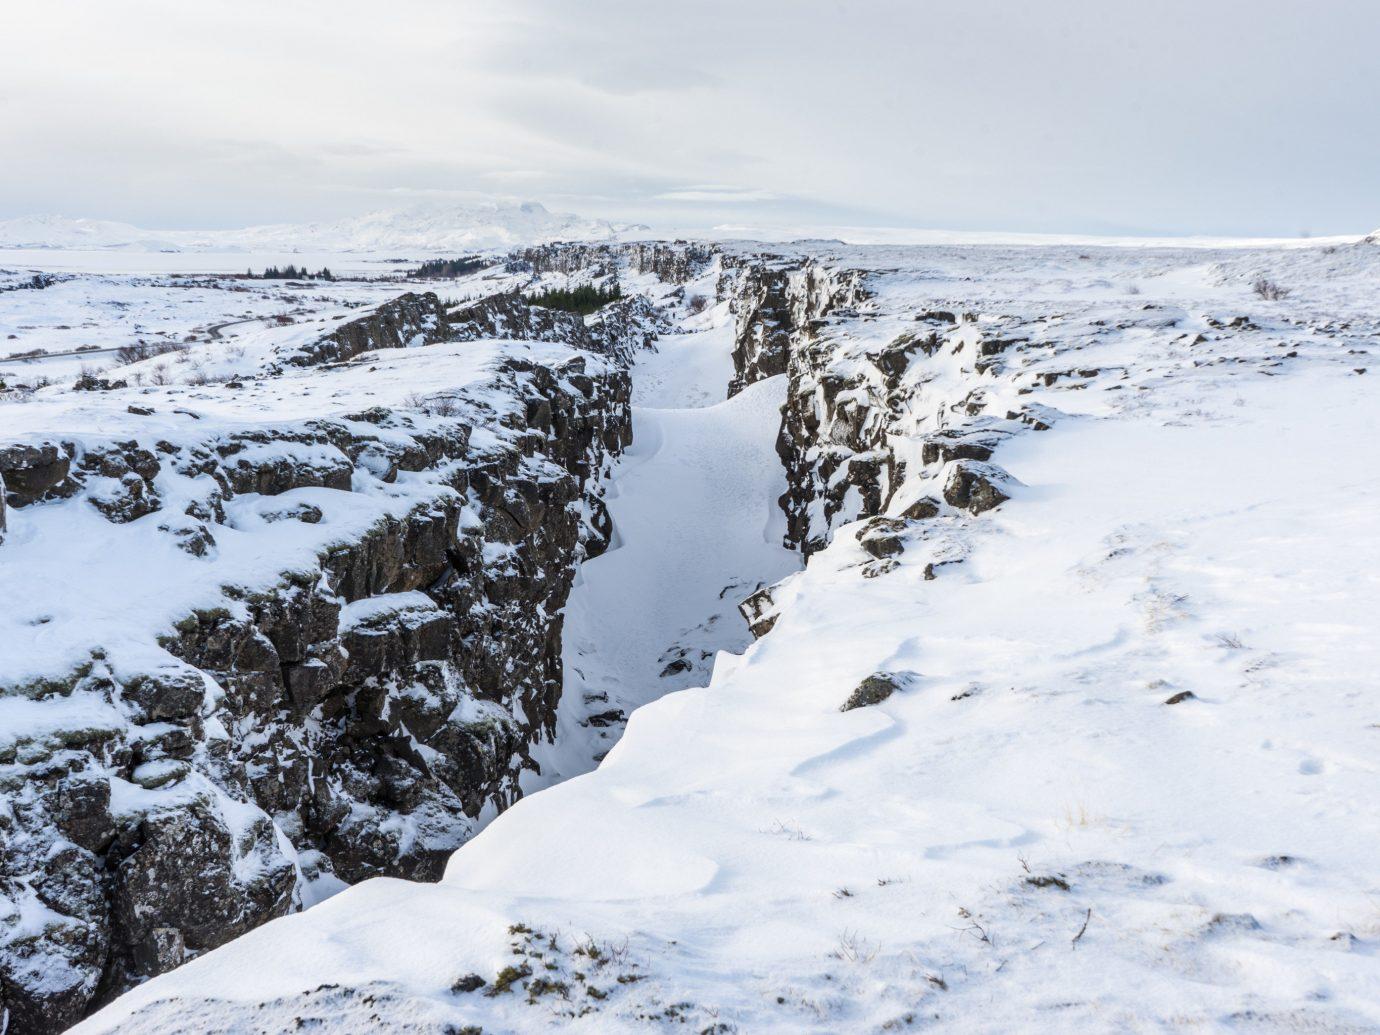 Iceland Travel Tips Trip Ideas snow outdoor sky Nature Winter mountainous landforms weather mountain geological phenomenon season freezing mountain range ice ridge tundra arctic ski touring ski mountaineering summit slope ski slope